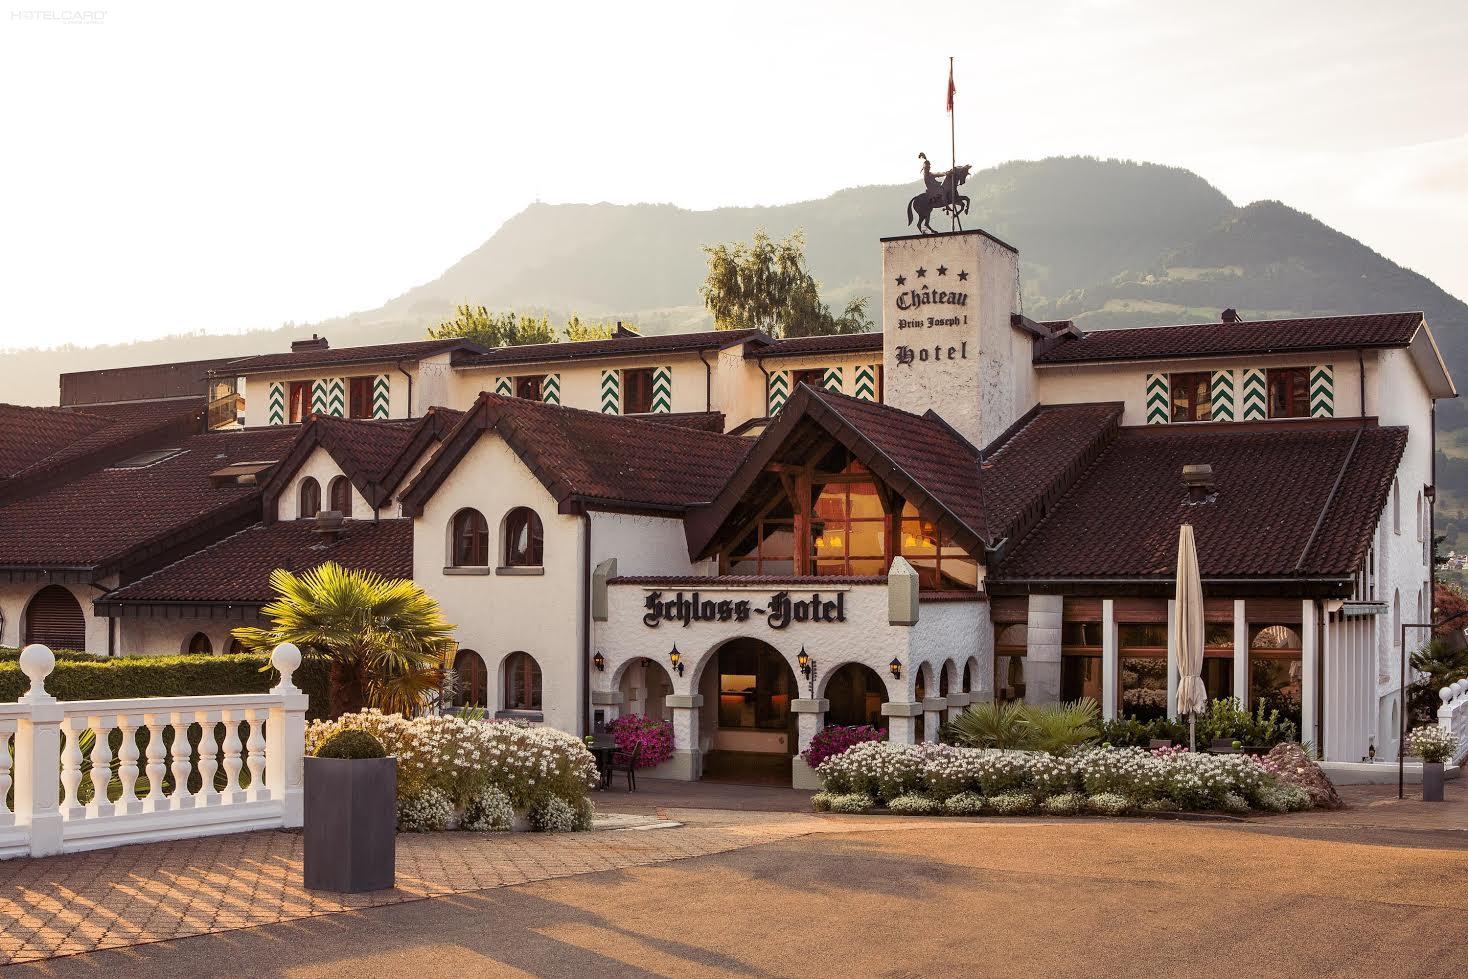 Schloss-Hotel 0